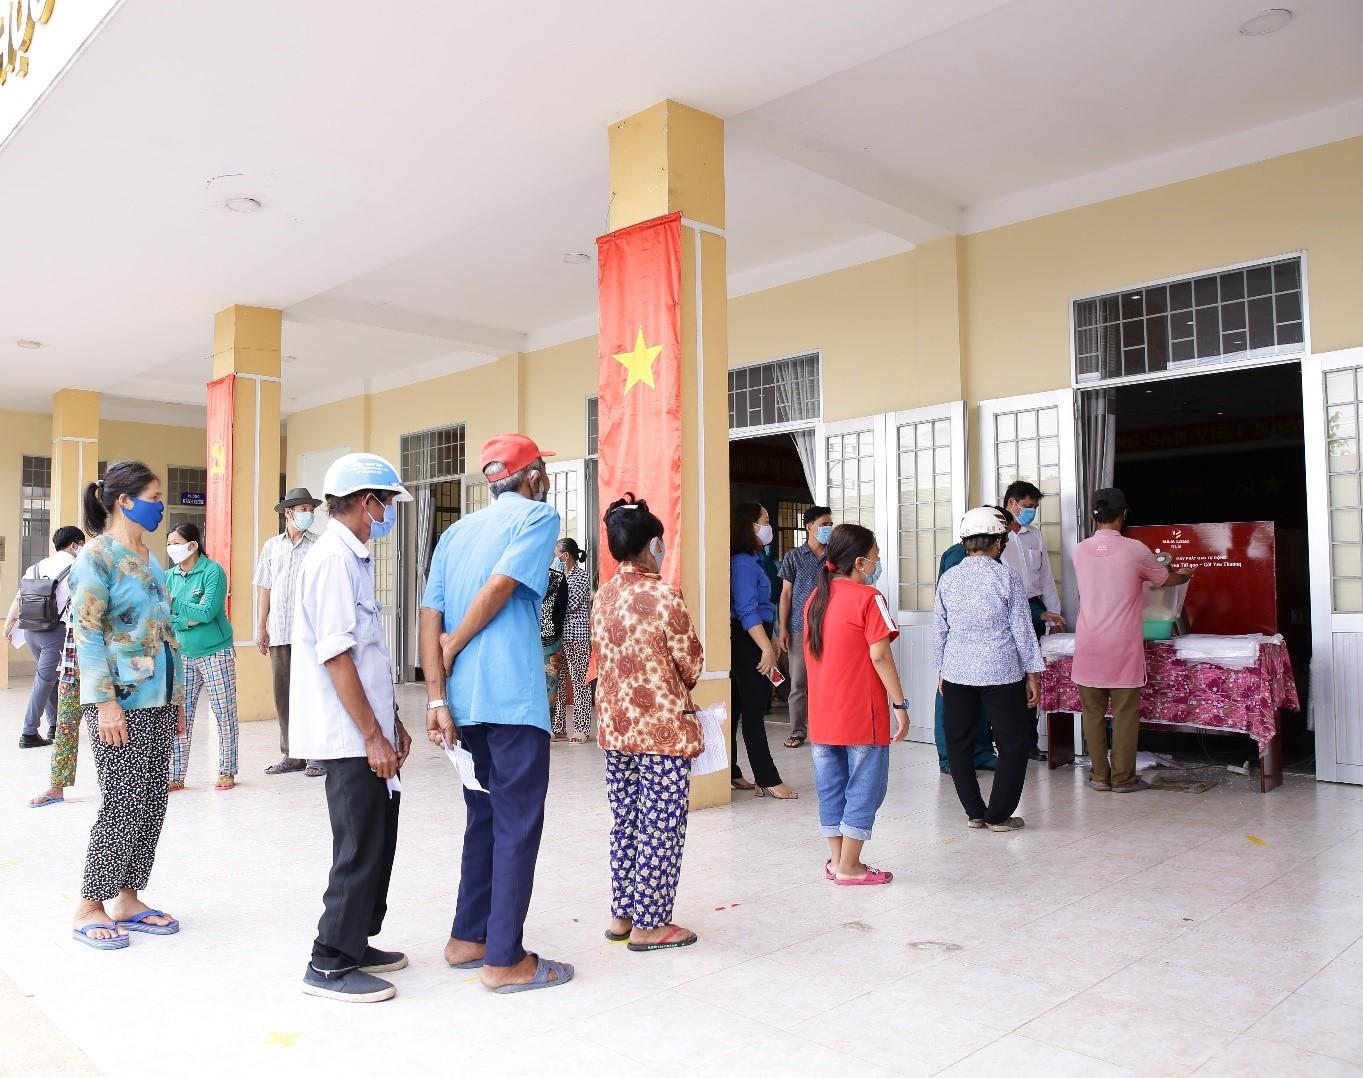 Tập đoàn Nam Long hỗ trợ hệ thống ATM gạo tại tỉnh Long An, tiếp sức cộng đồng cùng vượt khó 3